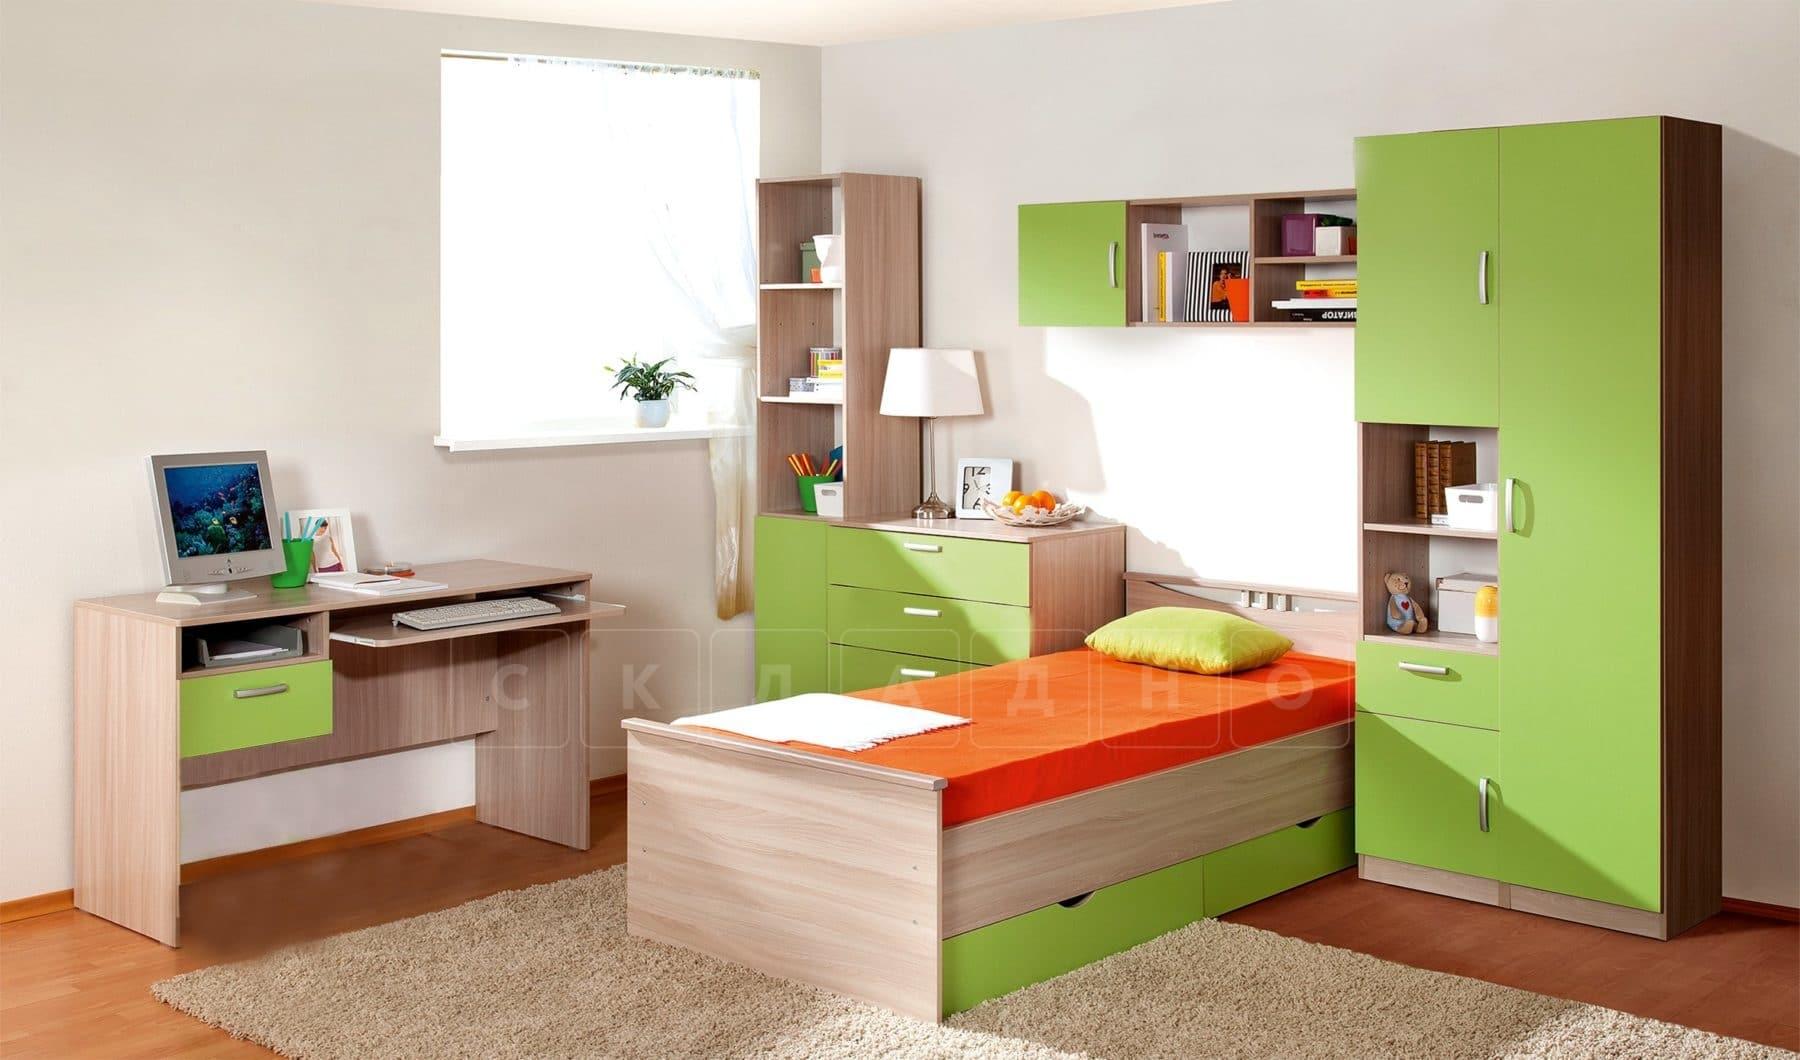 Набор детской мебели Лотос-1 фото 1 | интернет-магазин Складно